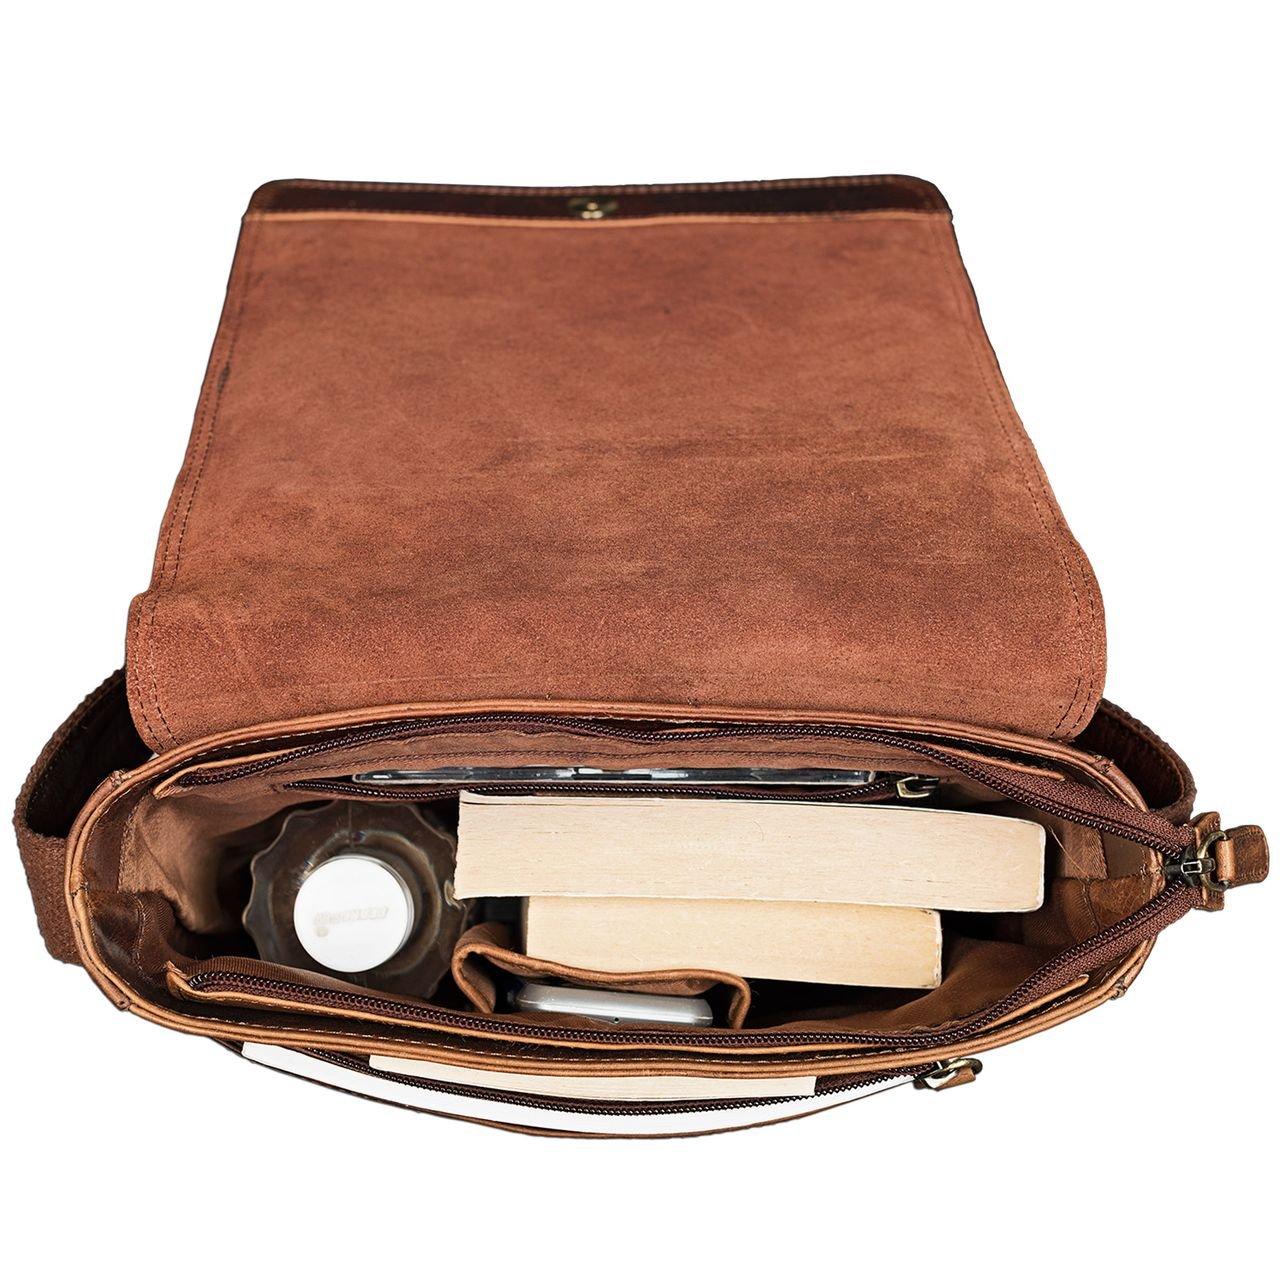 Cognac STILORD Joris Bolso de Mensajero Mediano de Piel Vintage para Tablet de 10,1 Pulgadas Bolso Bandolera o Bolsa de Hombro de Cuero para Hombres y Mujeres Color:Kara